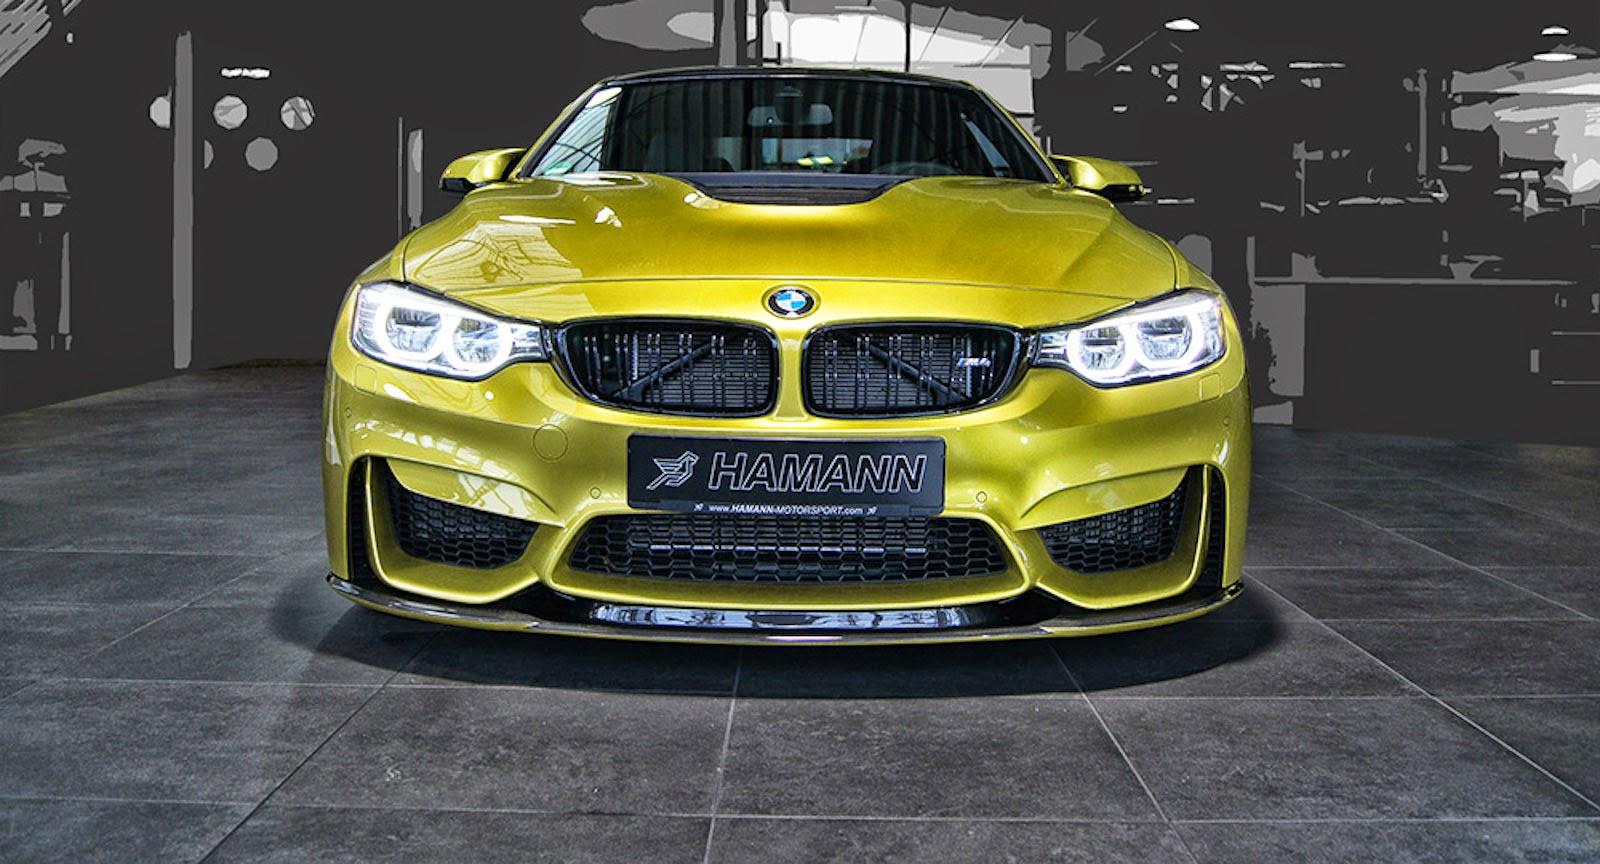 El preparado alemán Hamann ha hecho de las suyas con el BMW M4